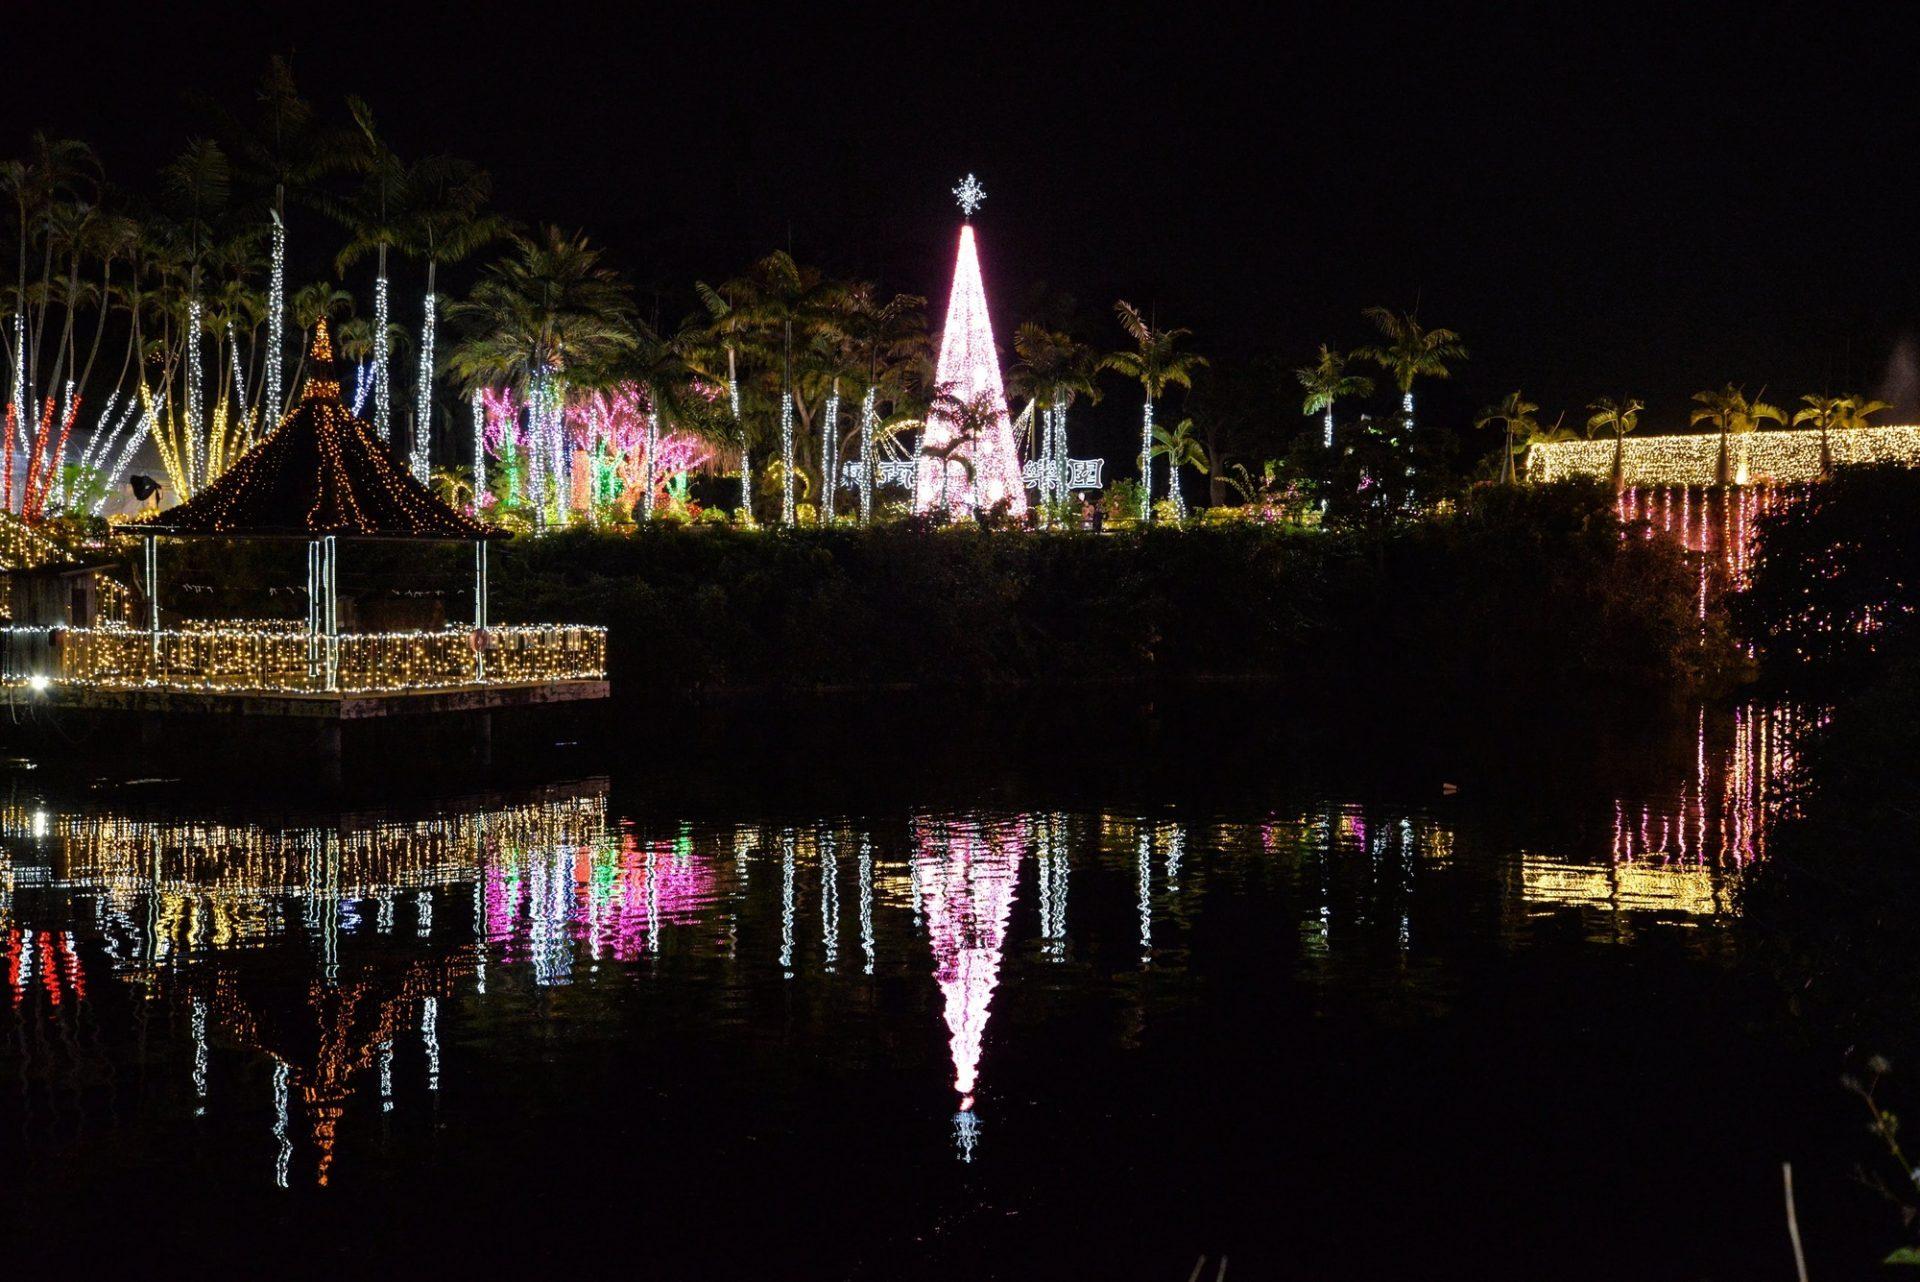 イルミネーション 沖縄 観光 冬 1月 2月 12月 旅行